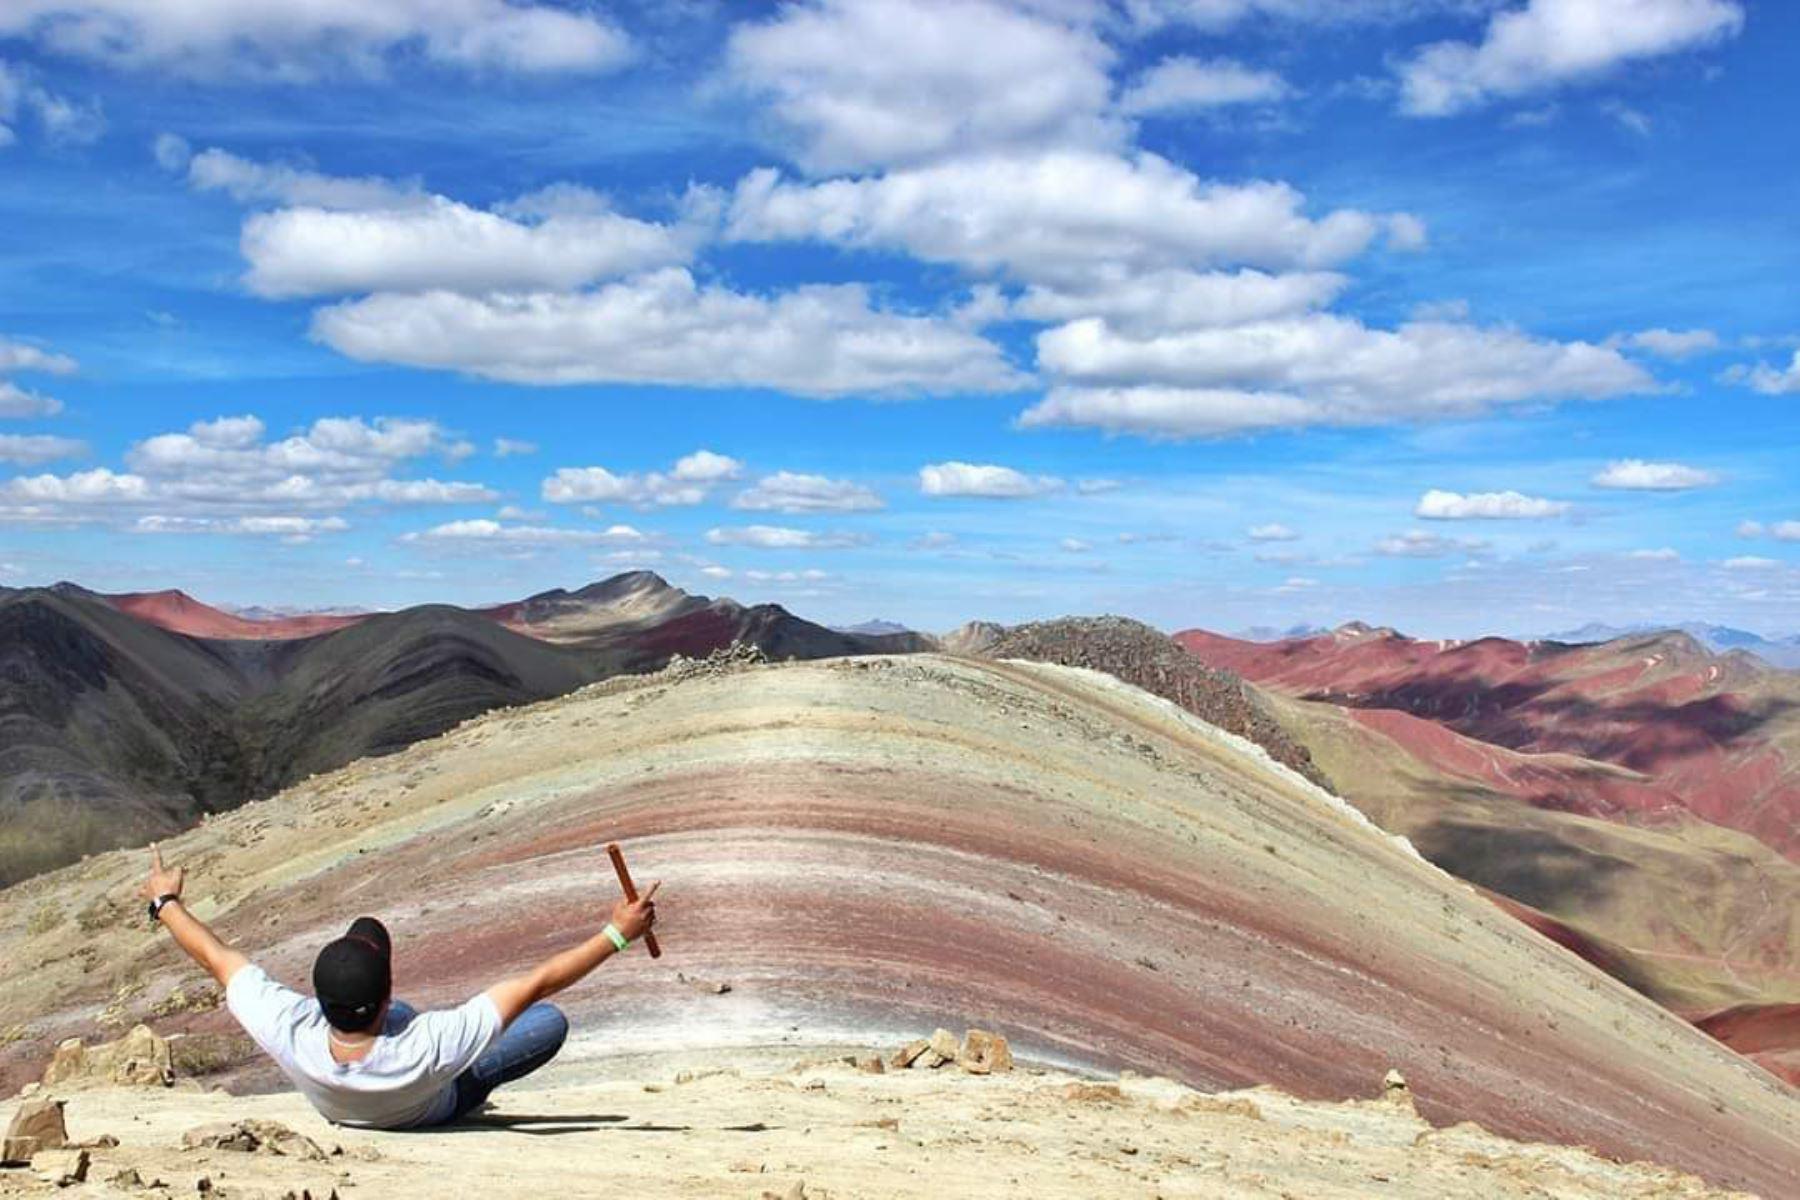 La montaña Palccoyo, también conocida como montaña Arcoíris, está ubicada en el distrito de Checacupe, en la provincia cusqueña de Canchis.